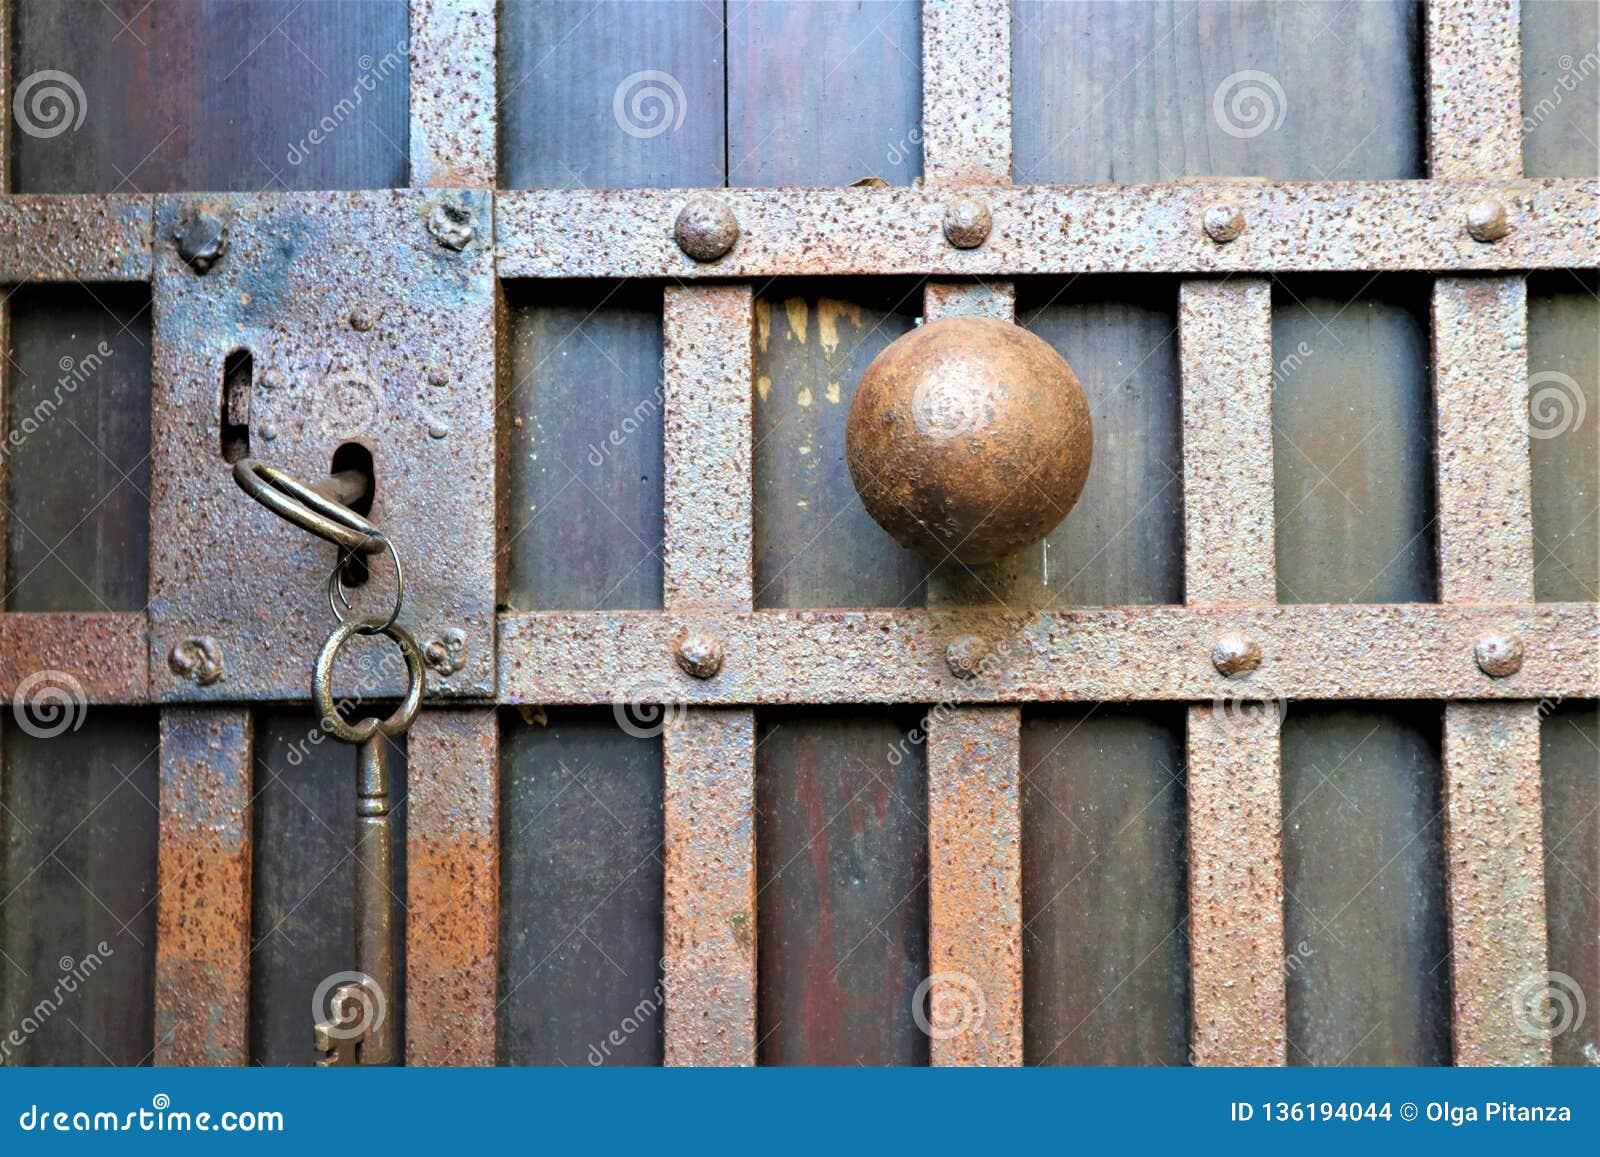 Vieux cadenas rouillé fermé sur une porte en bois